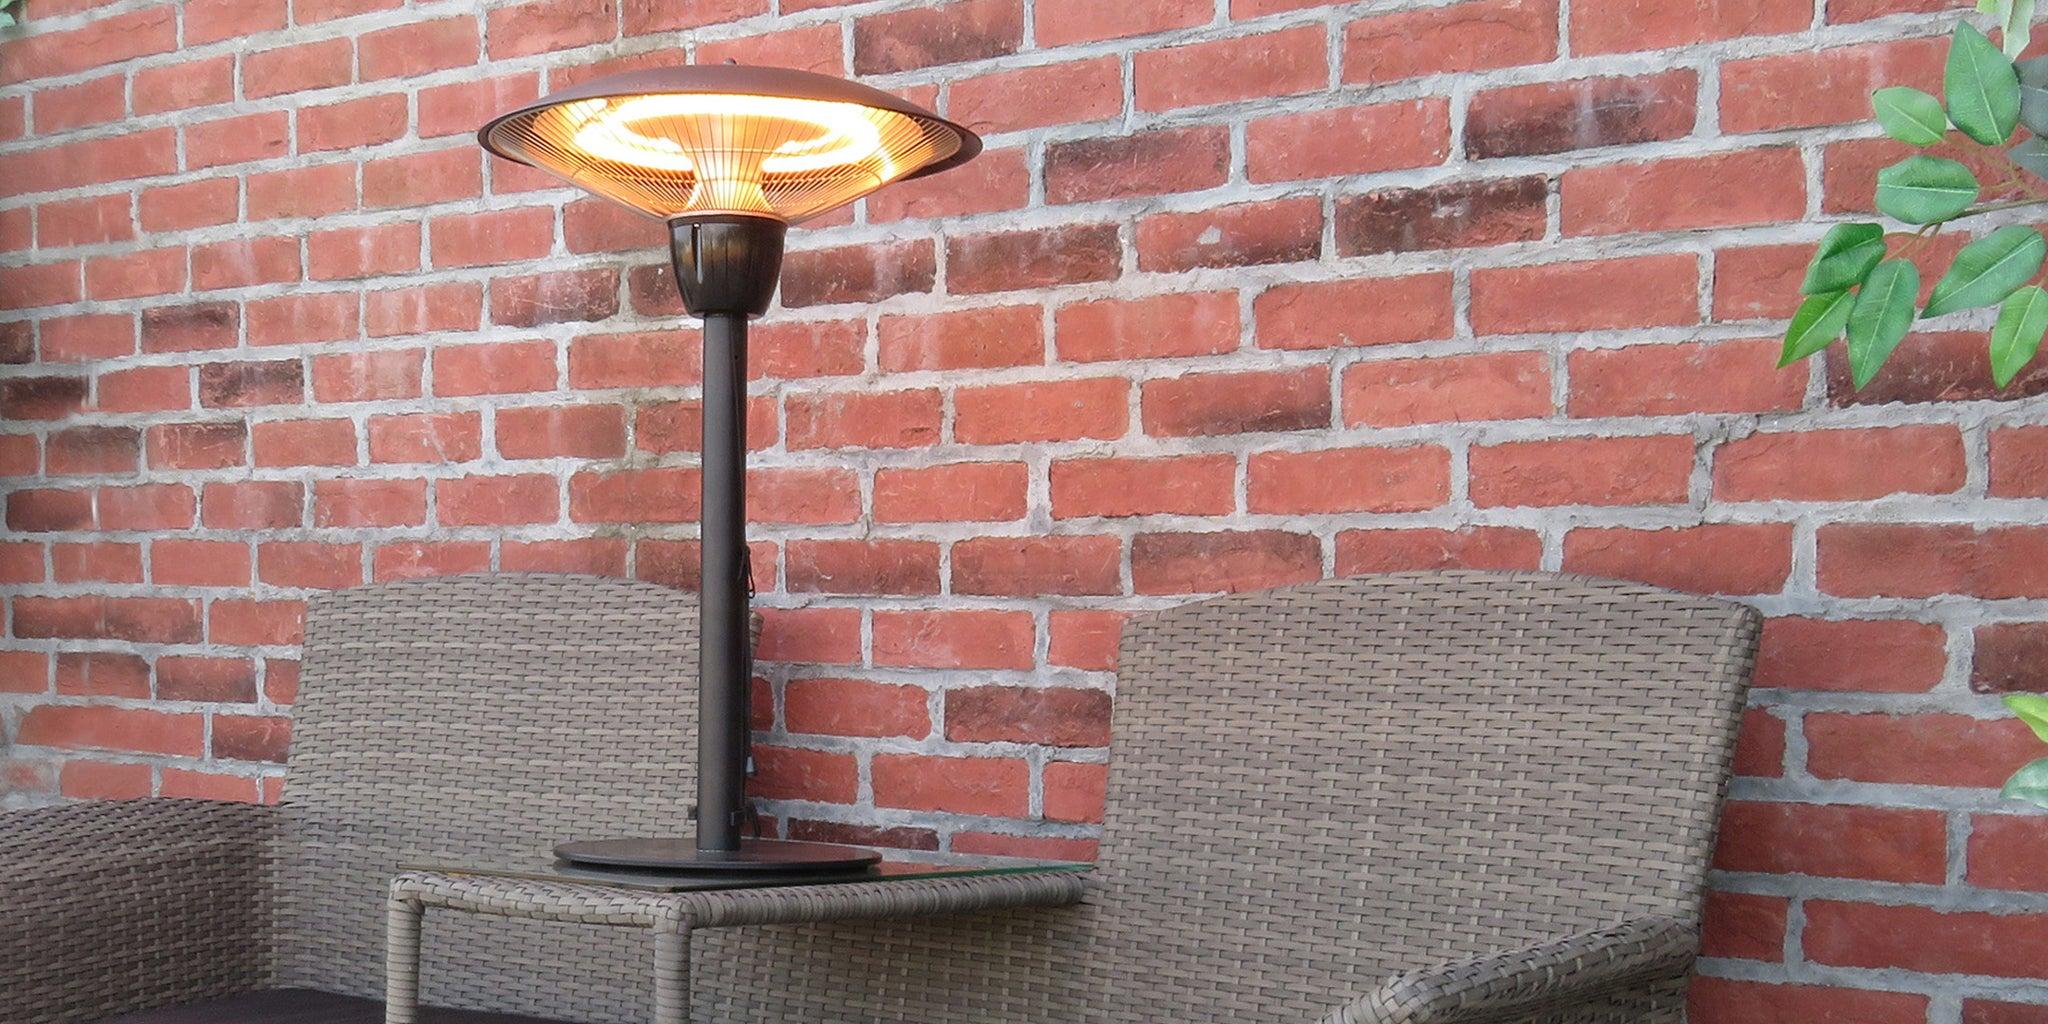 best outdoor patio heaters 2021